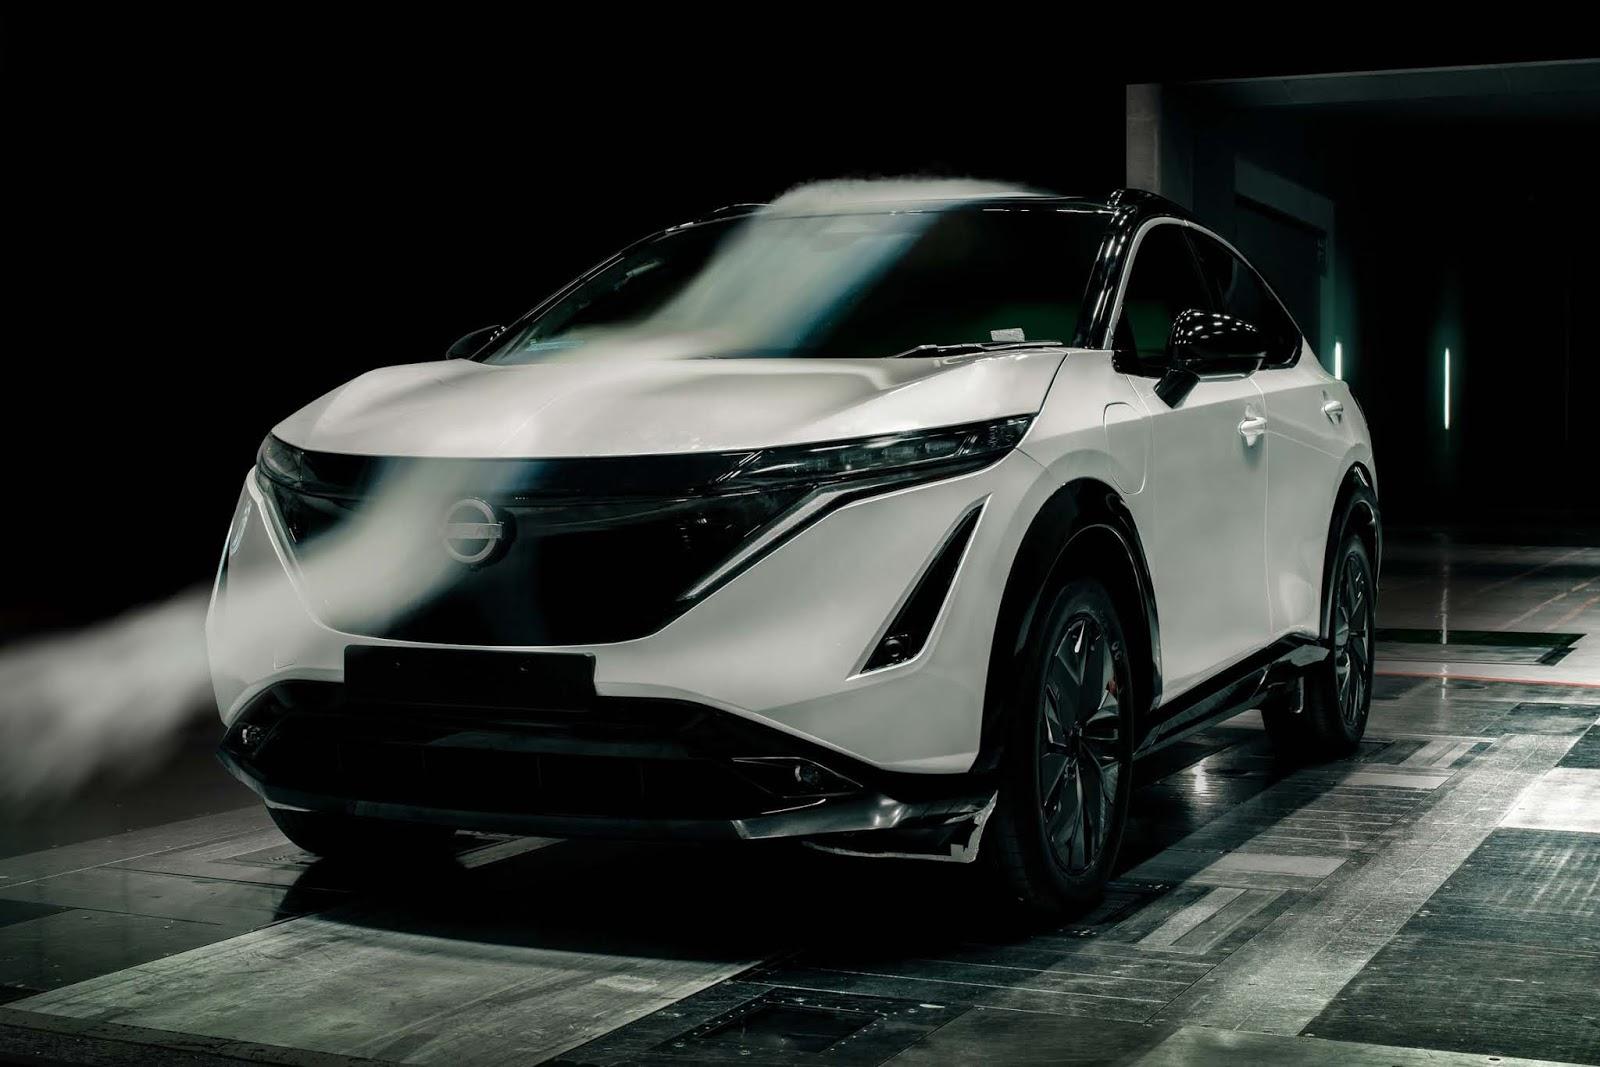 Nissan2BAriya2BAerodynamics 2 To Ariya είναι το πιο αεροδυναμικό Nissan crossover που κατασκευάστηκε ποτέ (& video) Ariya, Nissan, Nissan Ariya, ειδήσεις